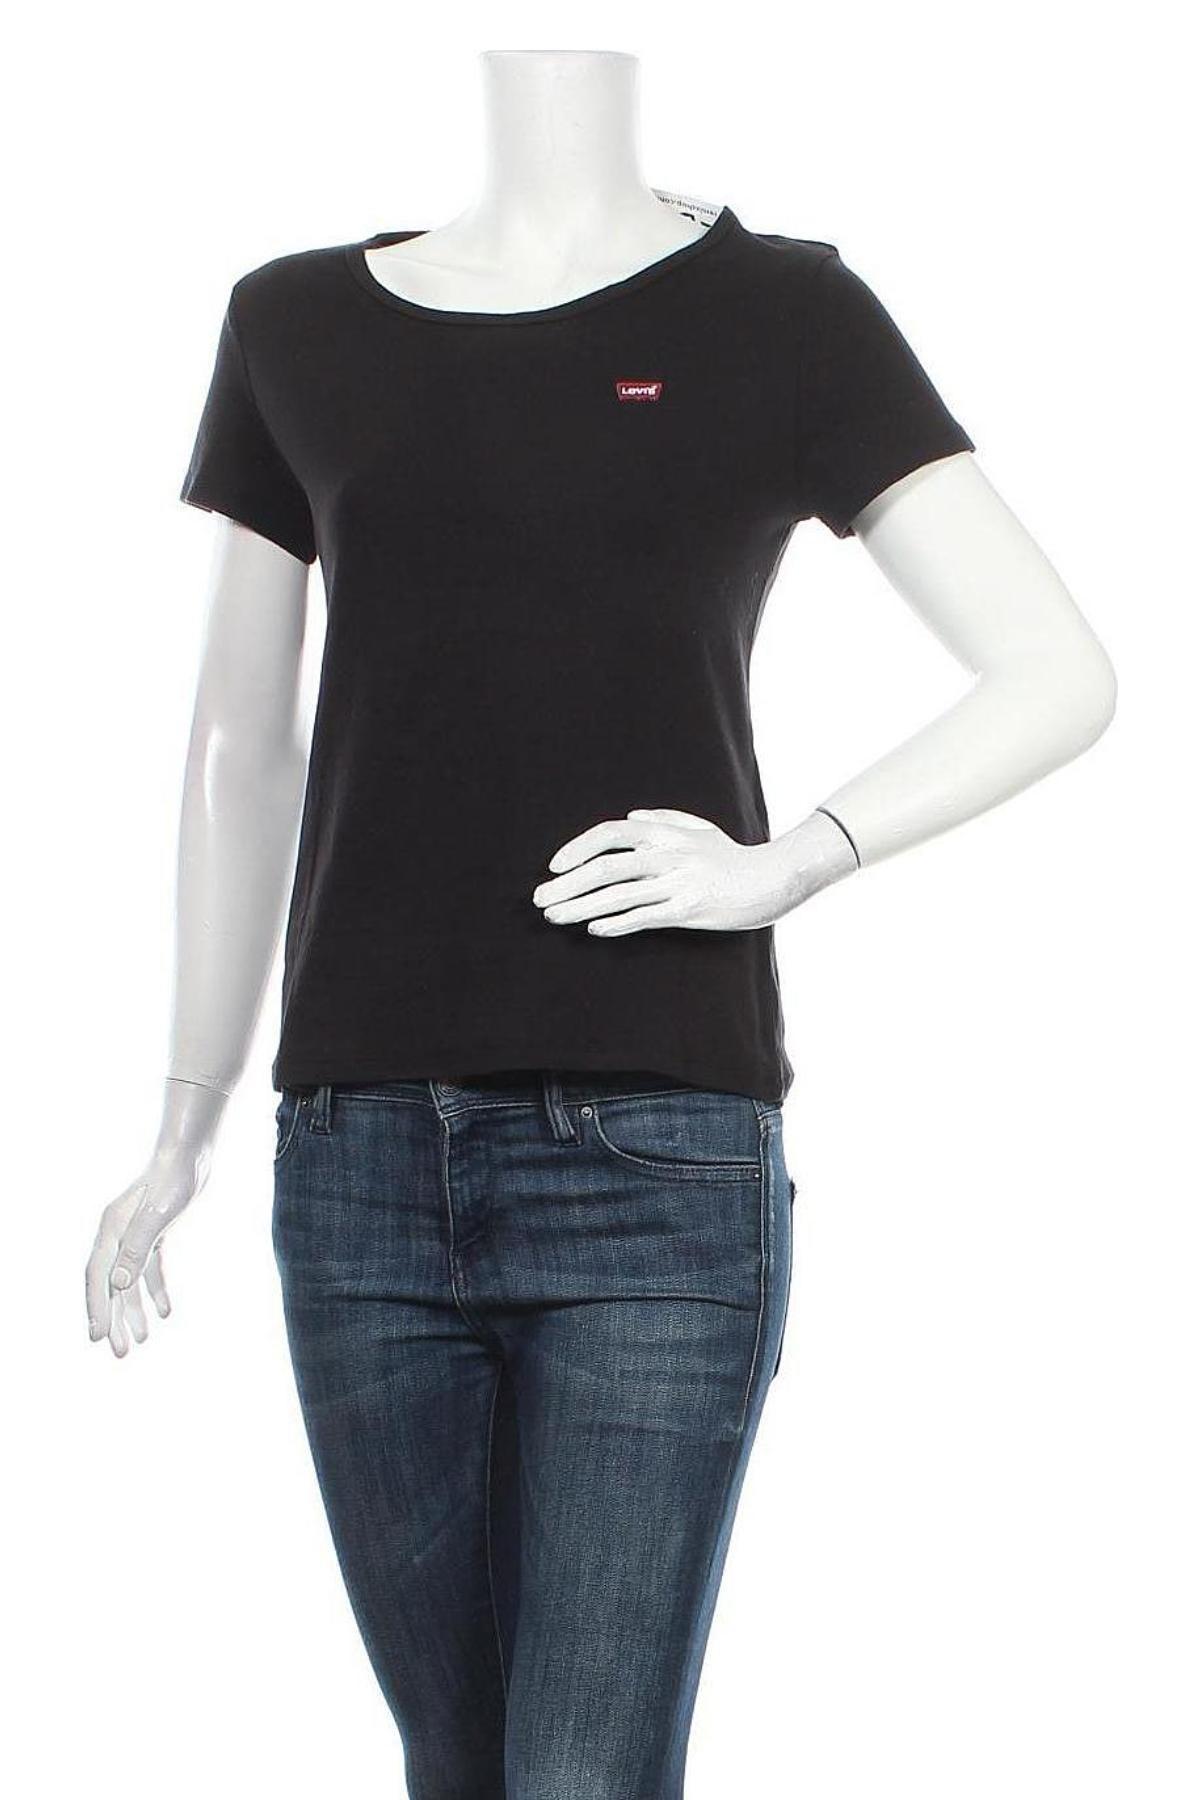 Γυναικείο t-shirt Levi's, Μέγεθος L, Χρώμα Μαύρο, 96% βαμβάκι, 4% ελαστάνη, Τιμή 20,10€